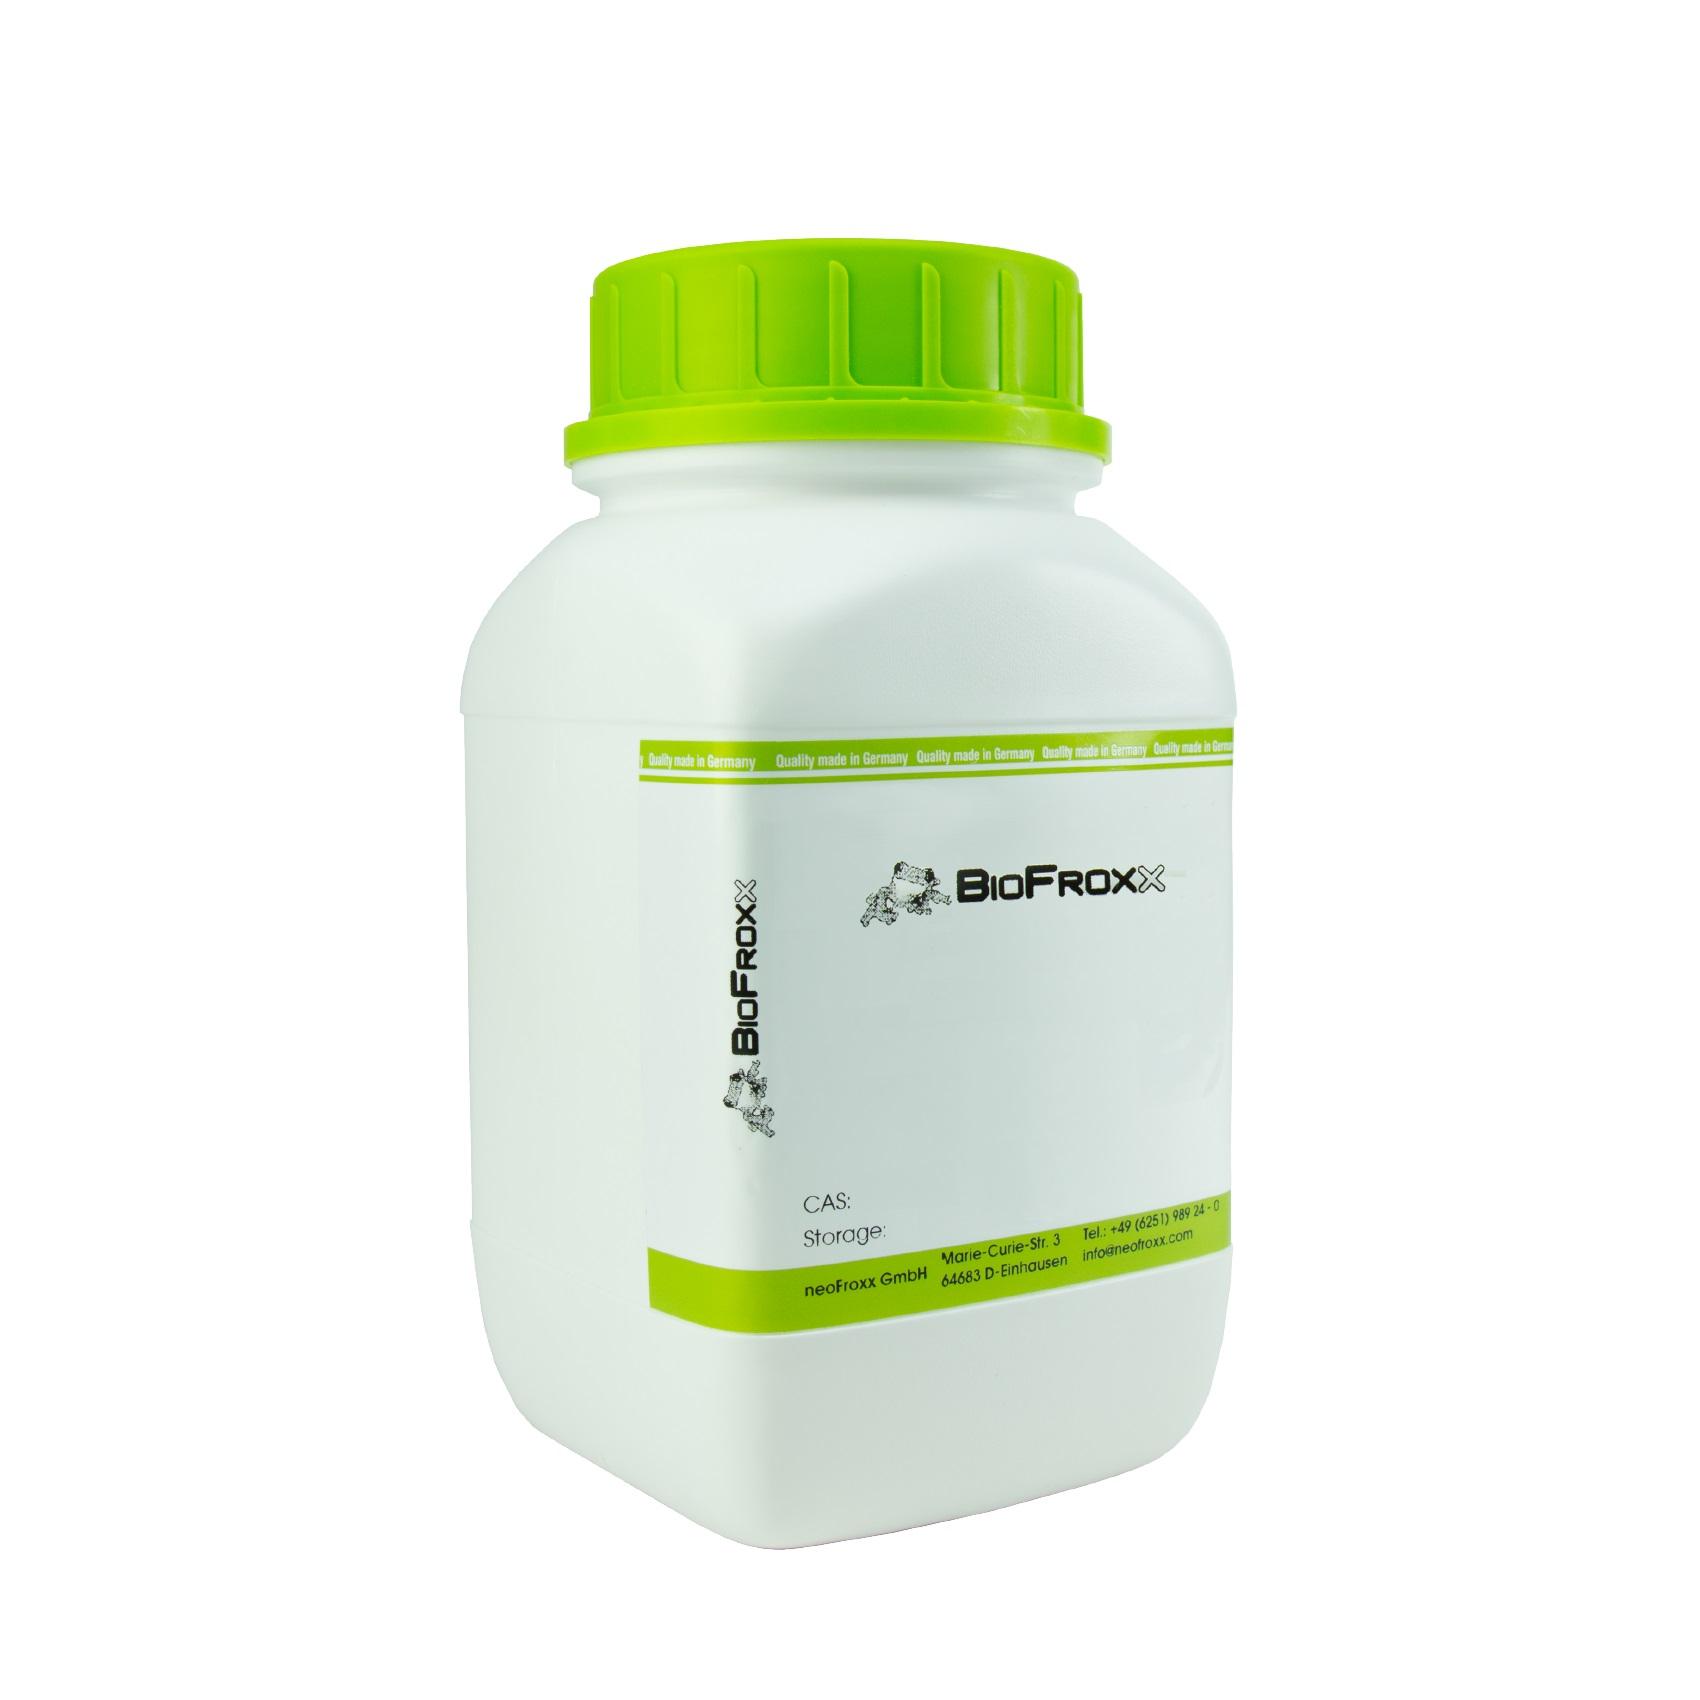 Olejek immersyjny dla mikroskopii - BioFroxx